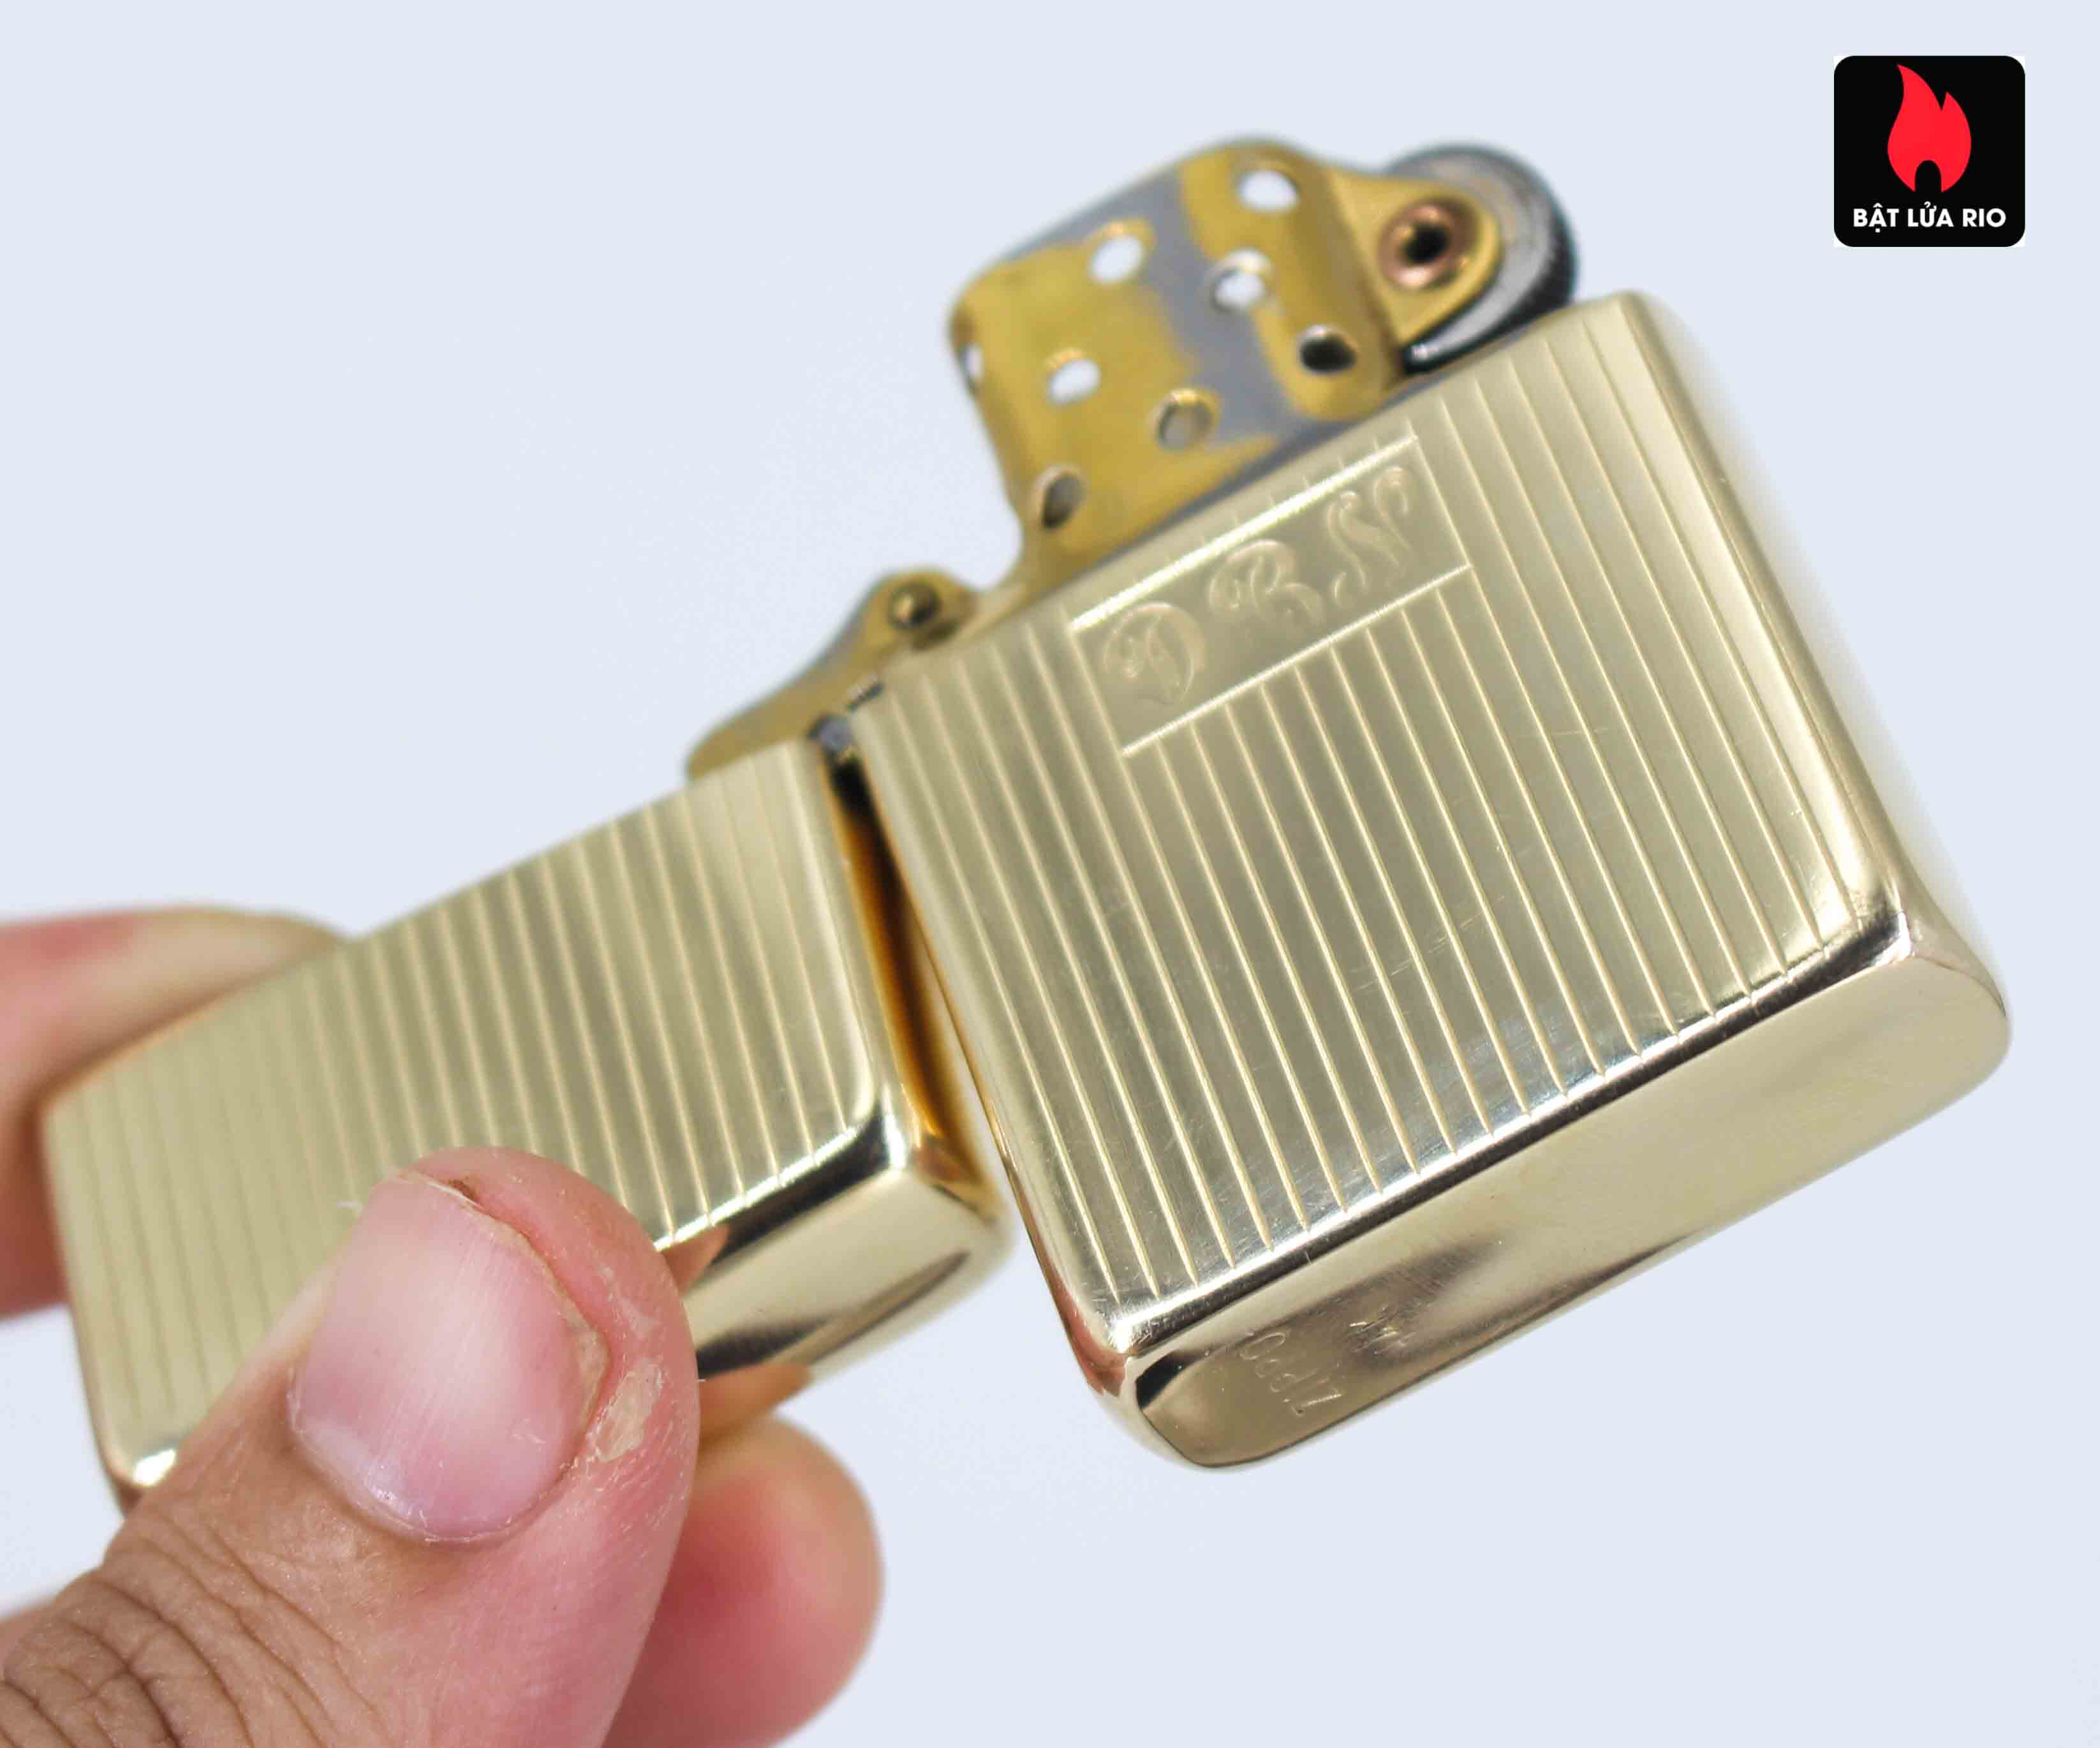 Hiếm - Zippo 1950s - Solid Gold 14k - Vàng Nguyên Khối 14k 14